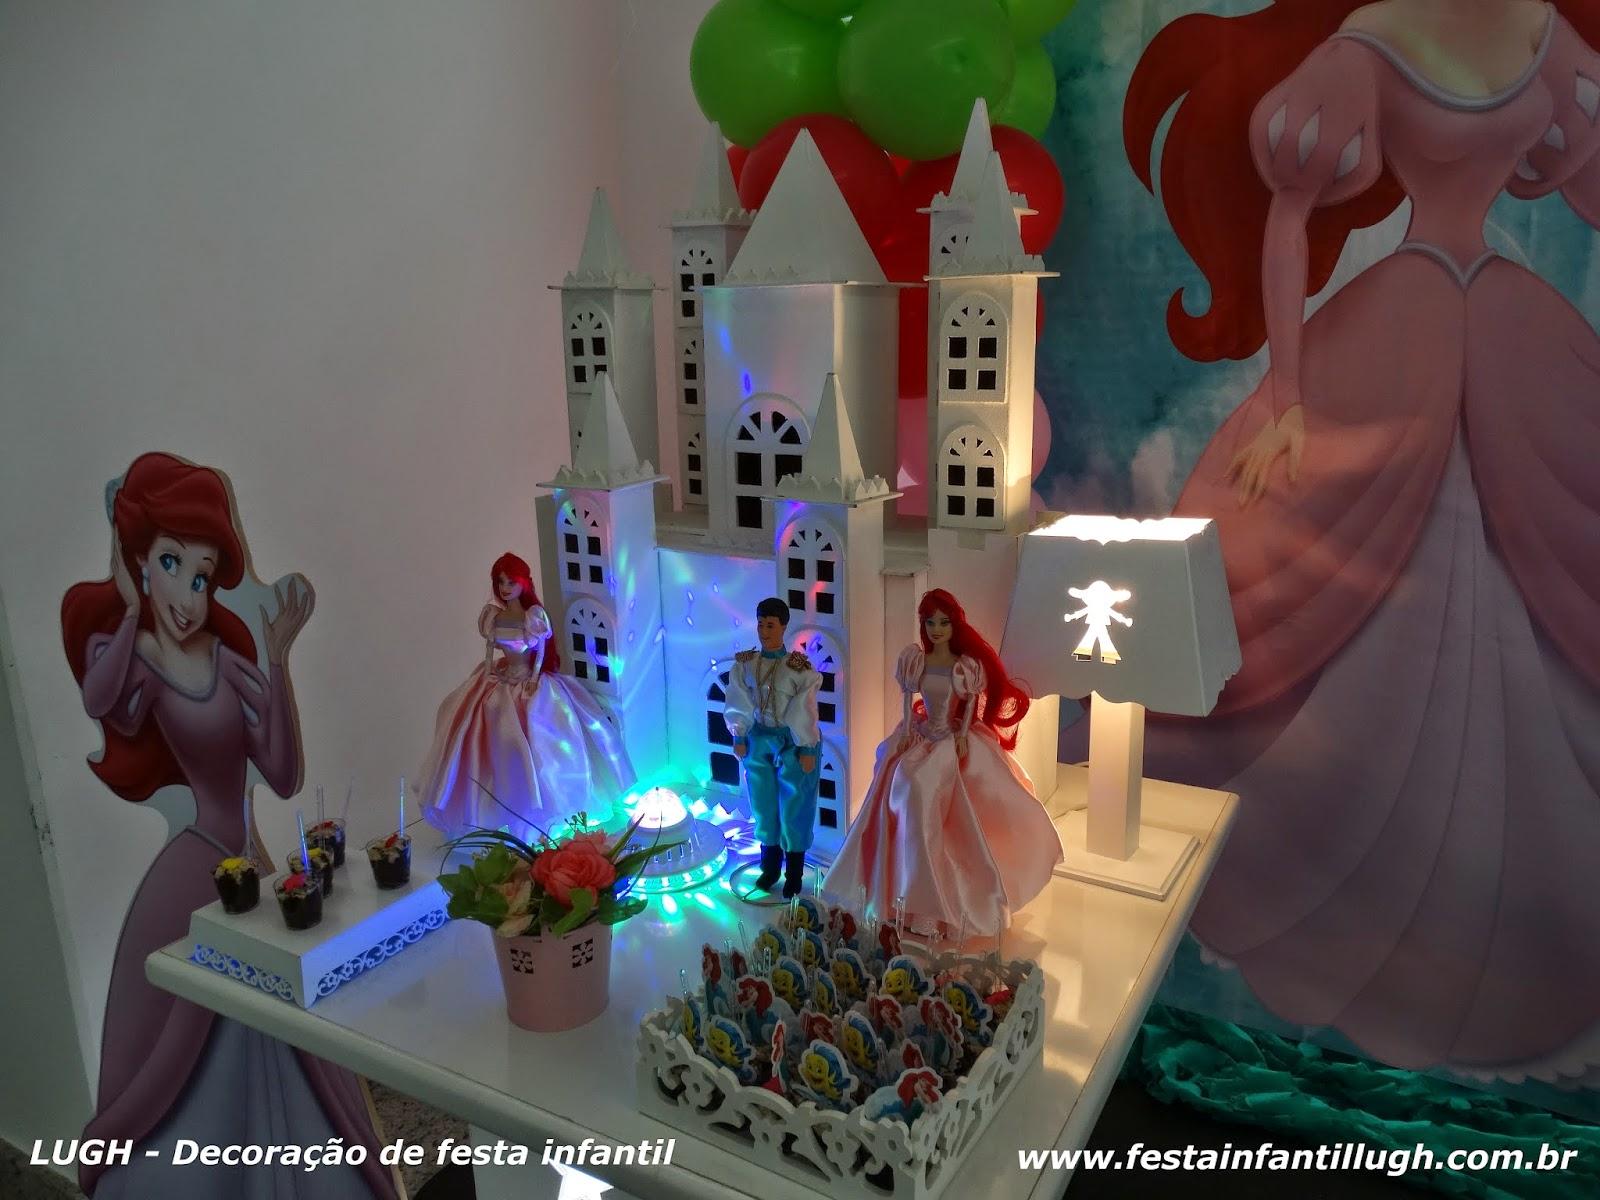 Decoração infantil de festa de aniversário com o tema Ariel